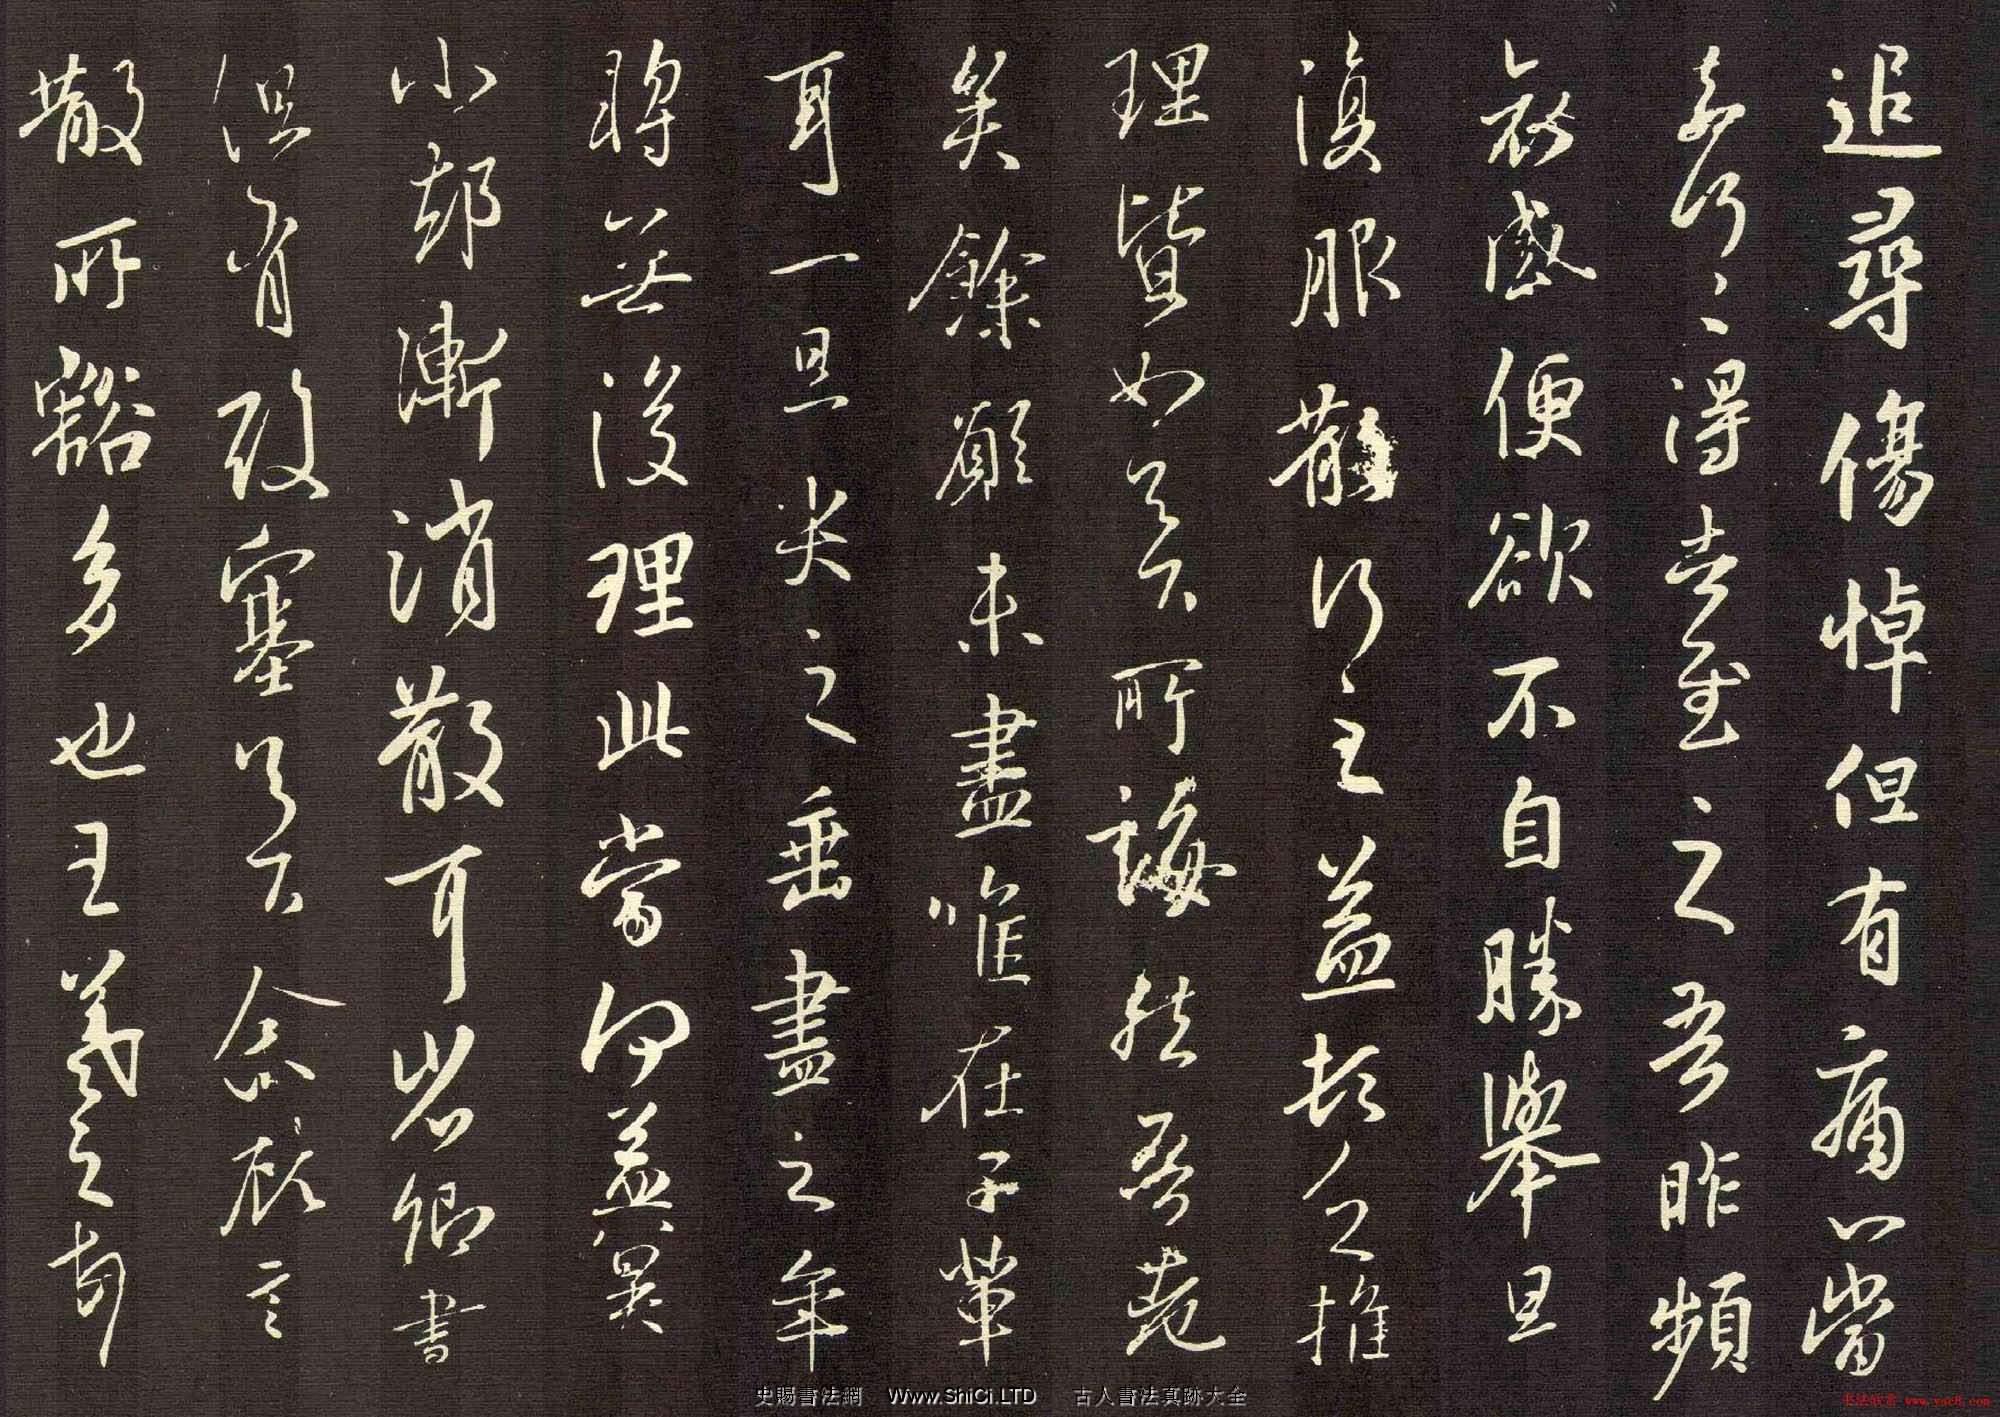 王羲之行草書法字帖《追尋帖》四種大圖(共4張圖片)